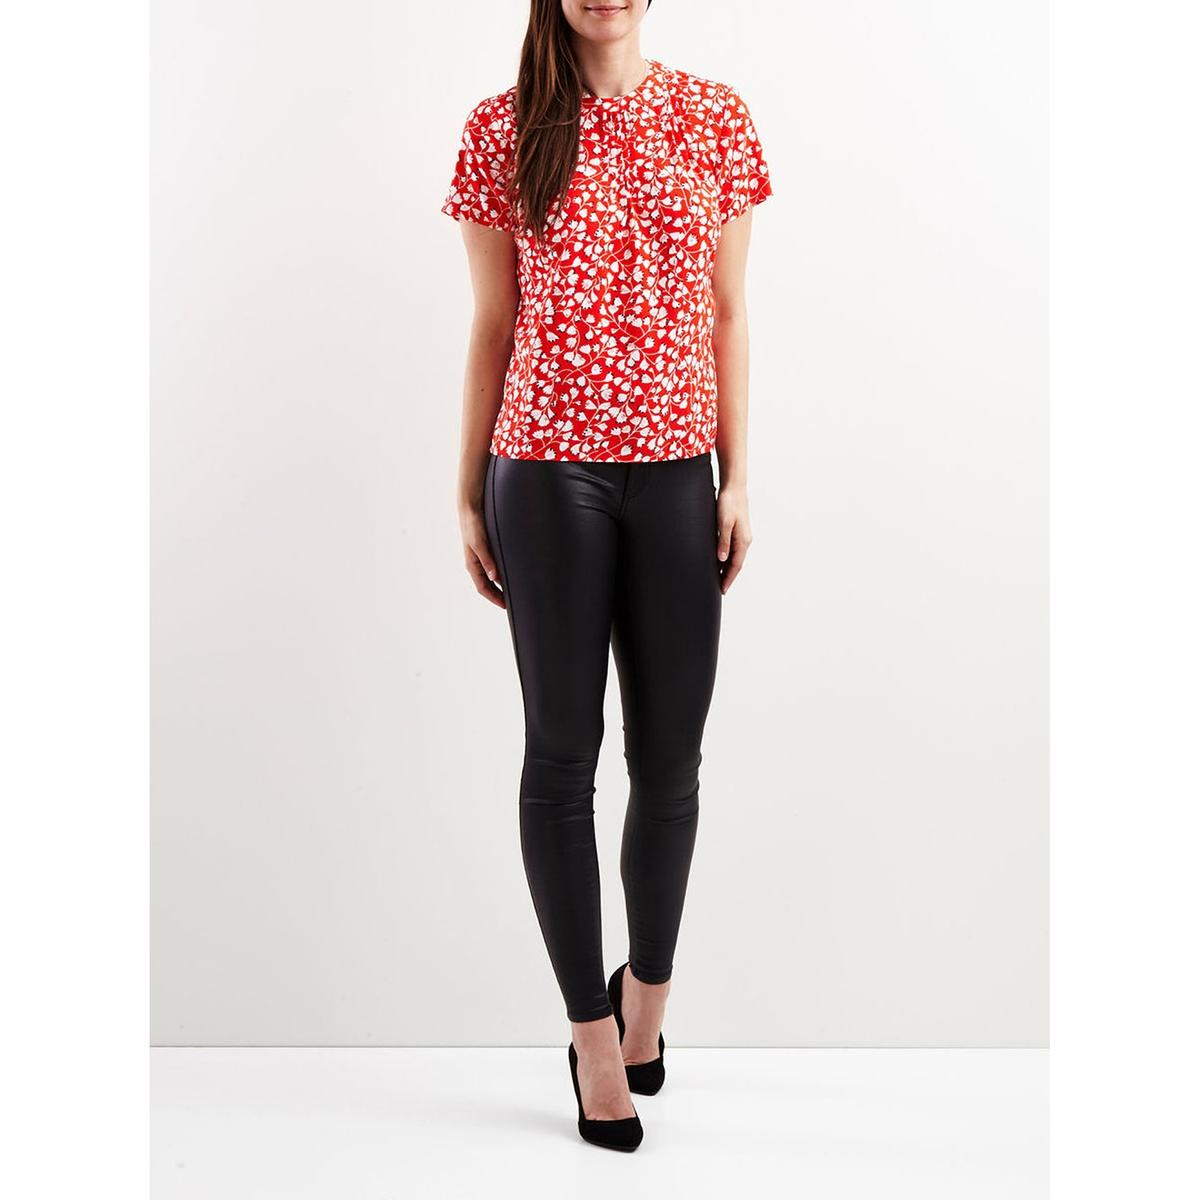 Блузка с круглым вырезом, рисунком и короткими рукавами блузка с круглым вырезом и короткими рукавами